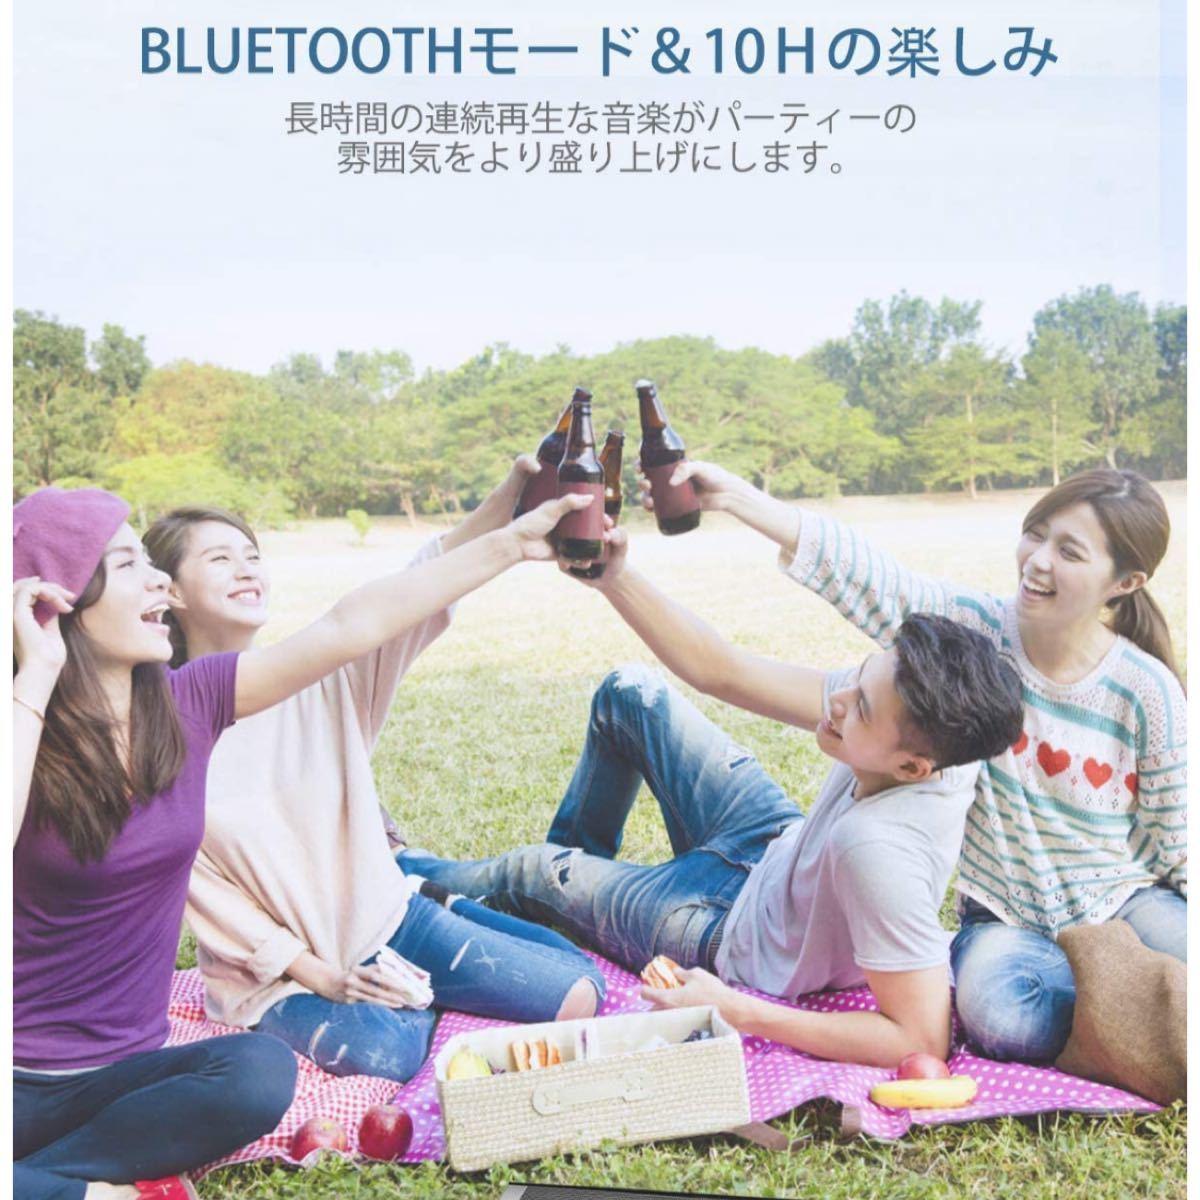 スピーカー Bluetooth 5.0 ワイヤレス PC サウンドバー ELEGIANT 大音量 重低音 有線無線